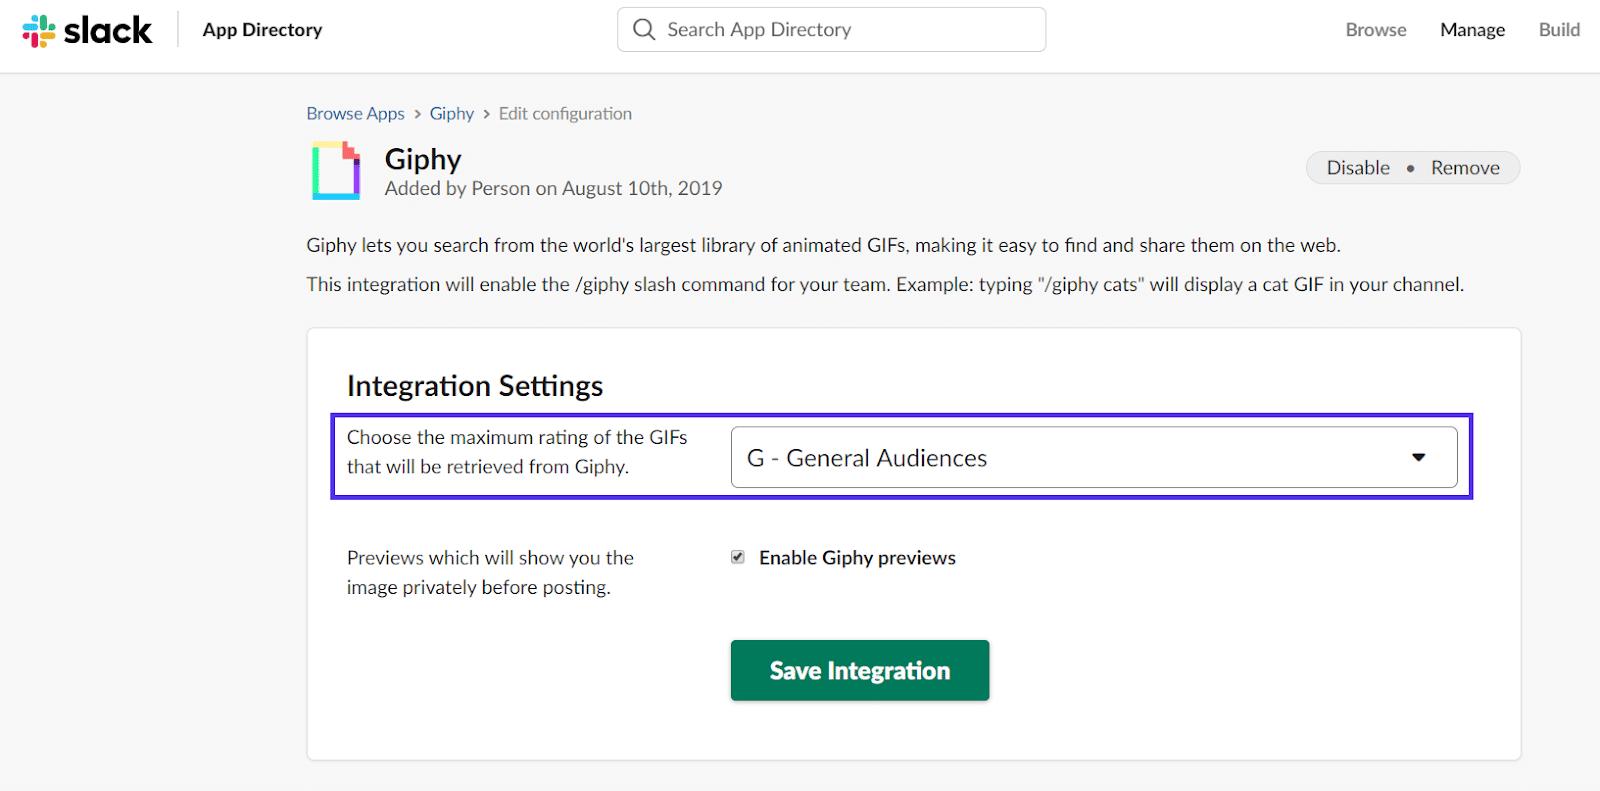 Impostazioni di integrazione Giphy